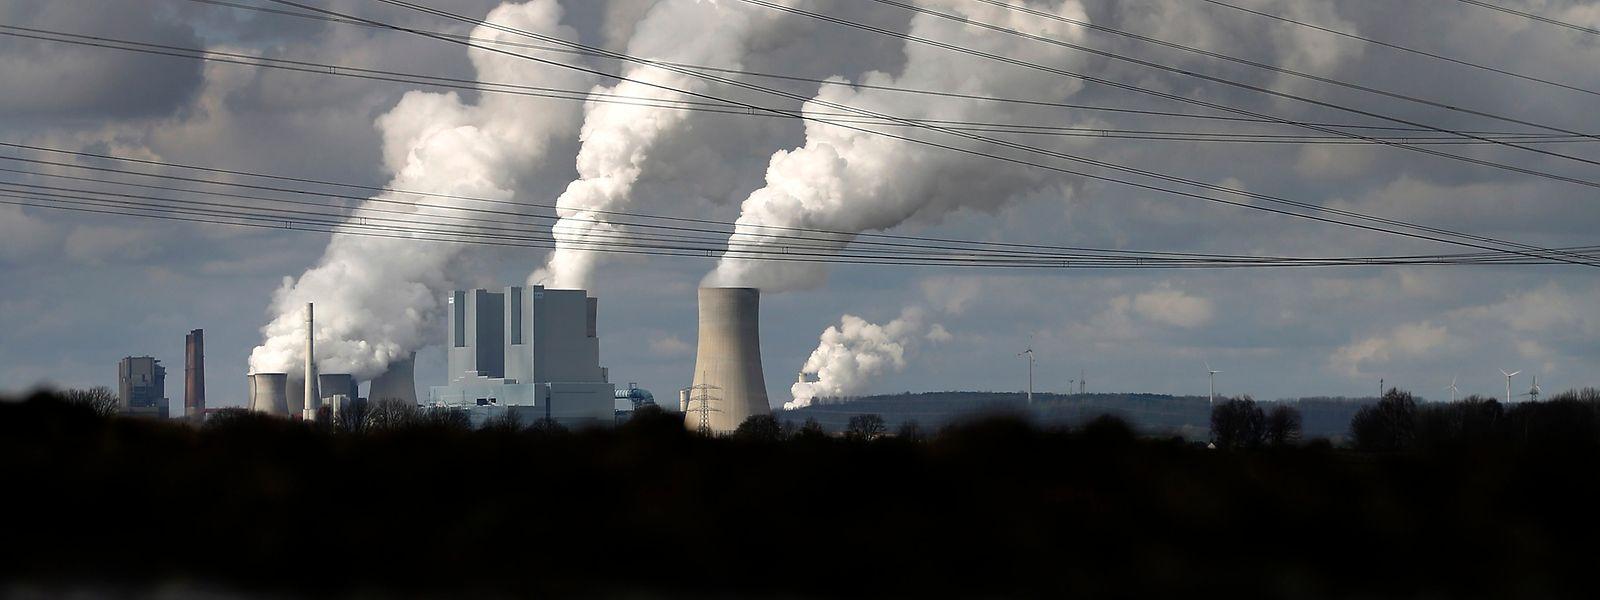 Central termoelétrica de Neurath, a cerca de 100 quilómetros do norte do Luxemburgo